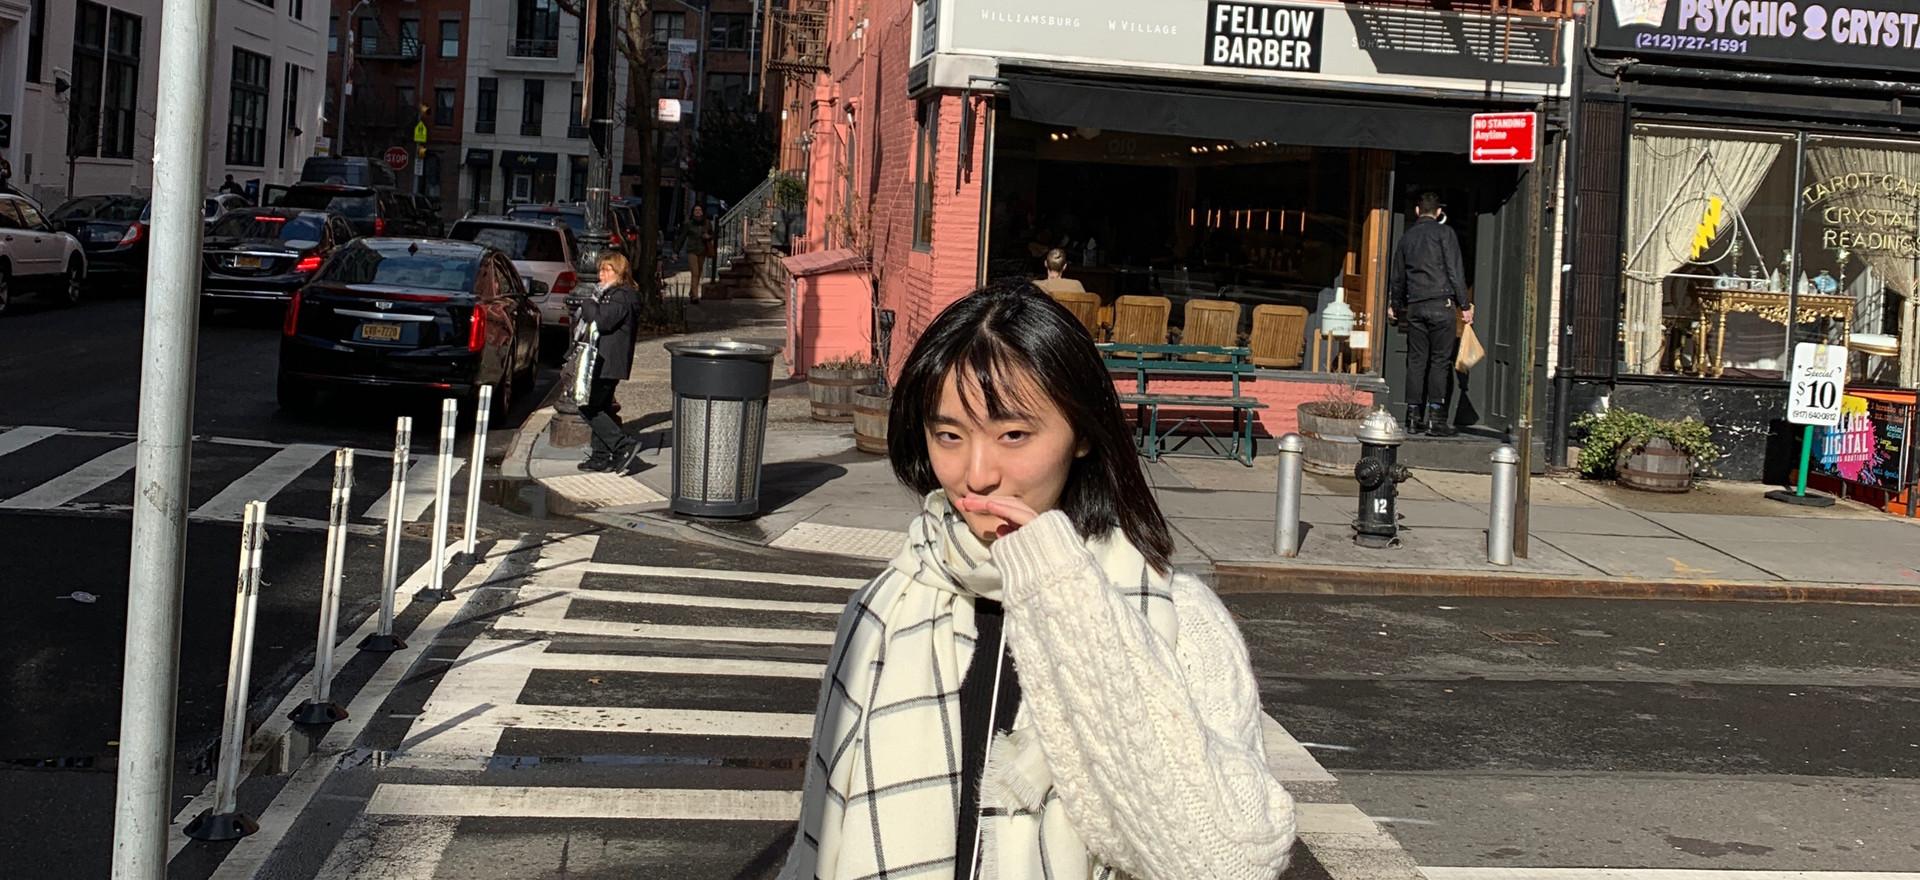 Alexandra Cheng